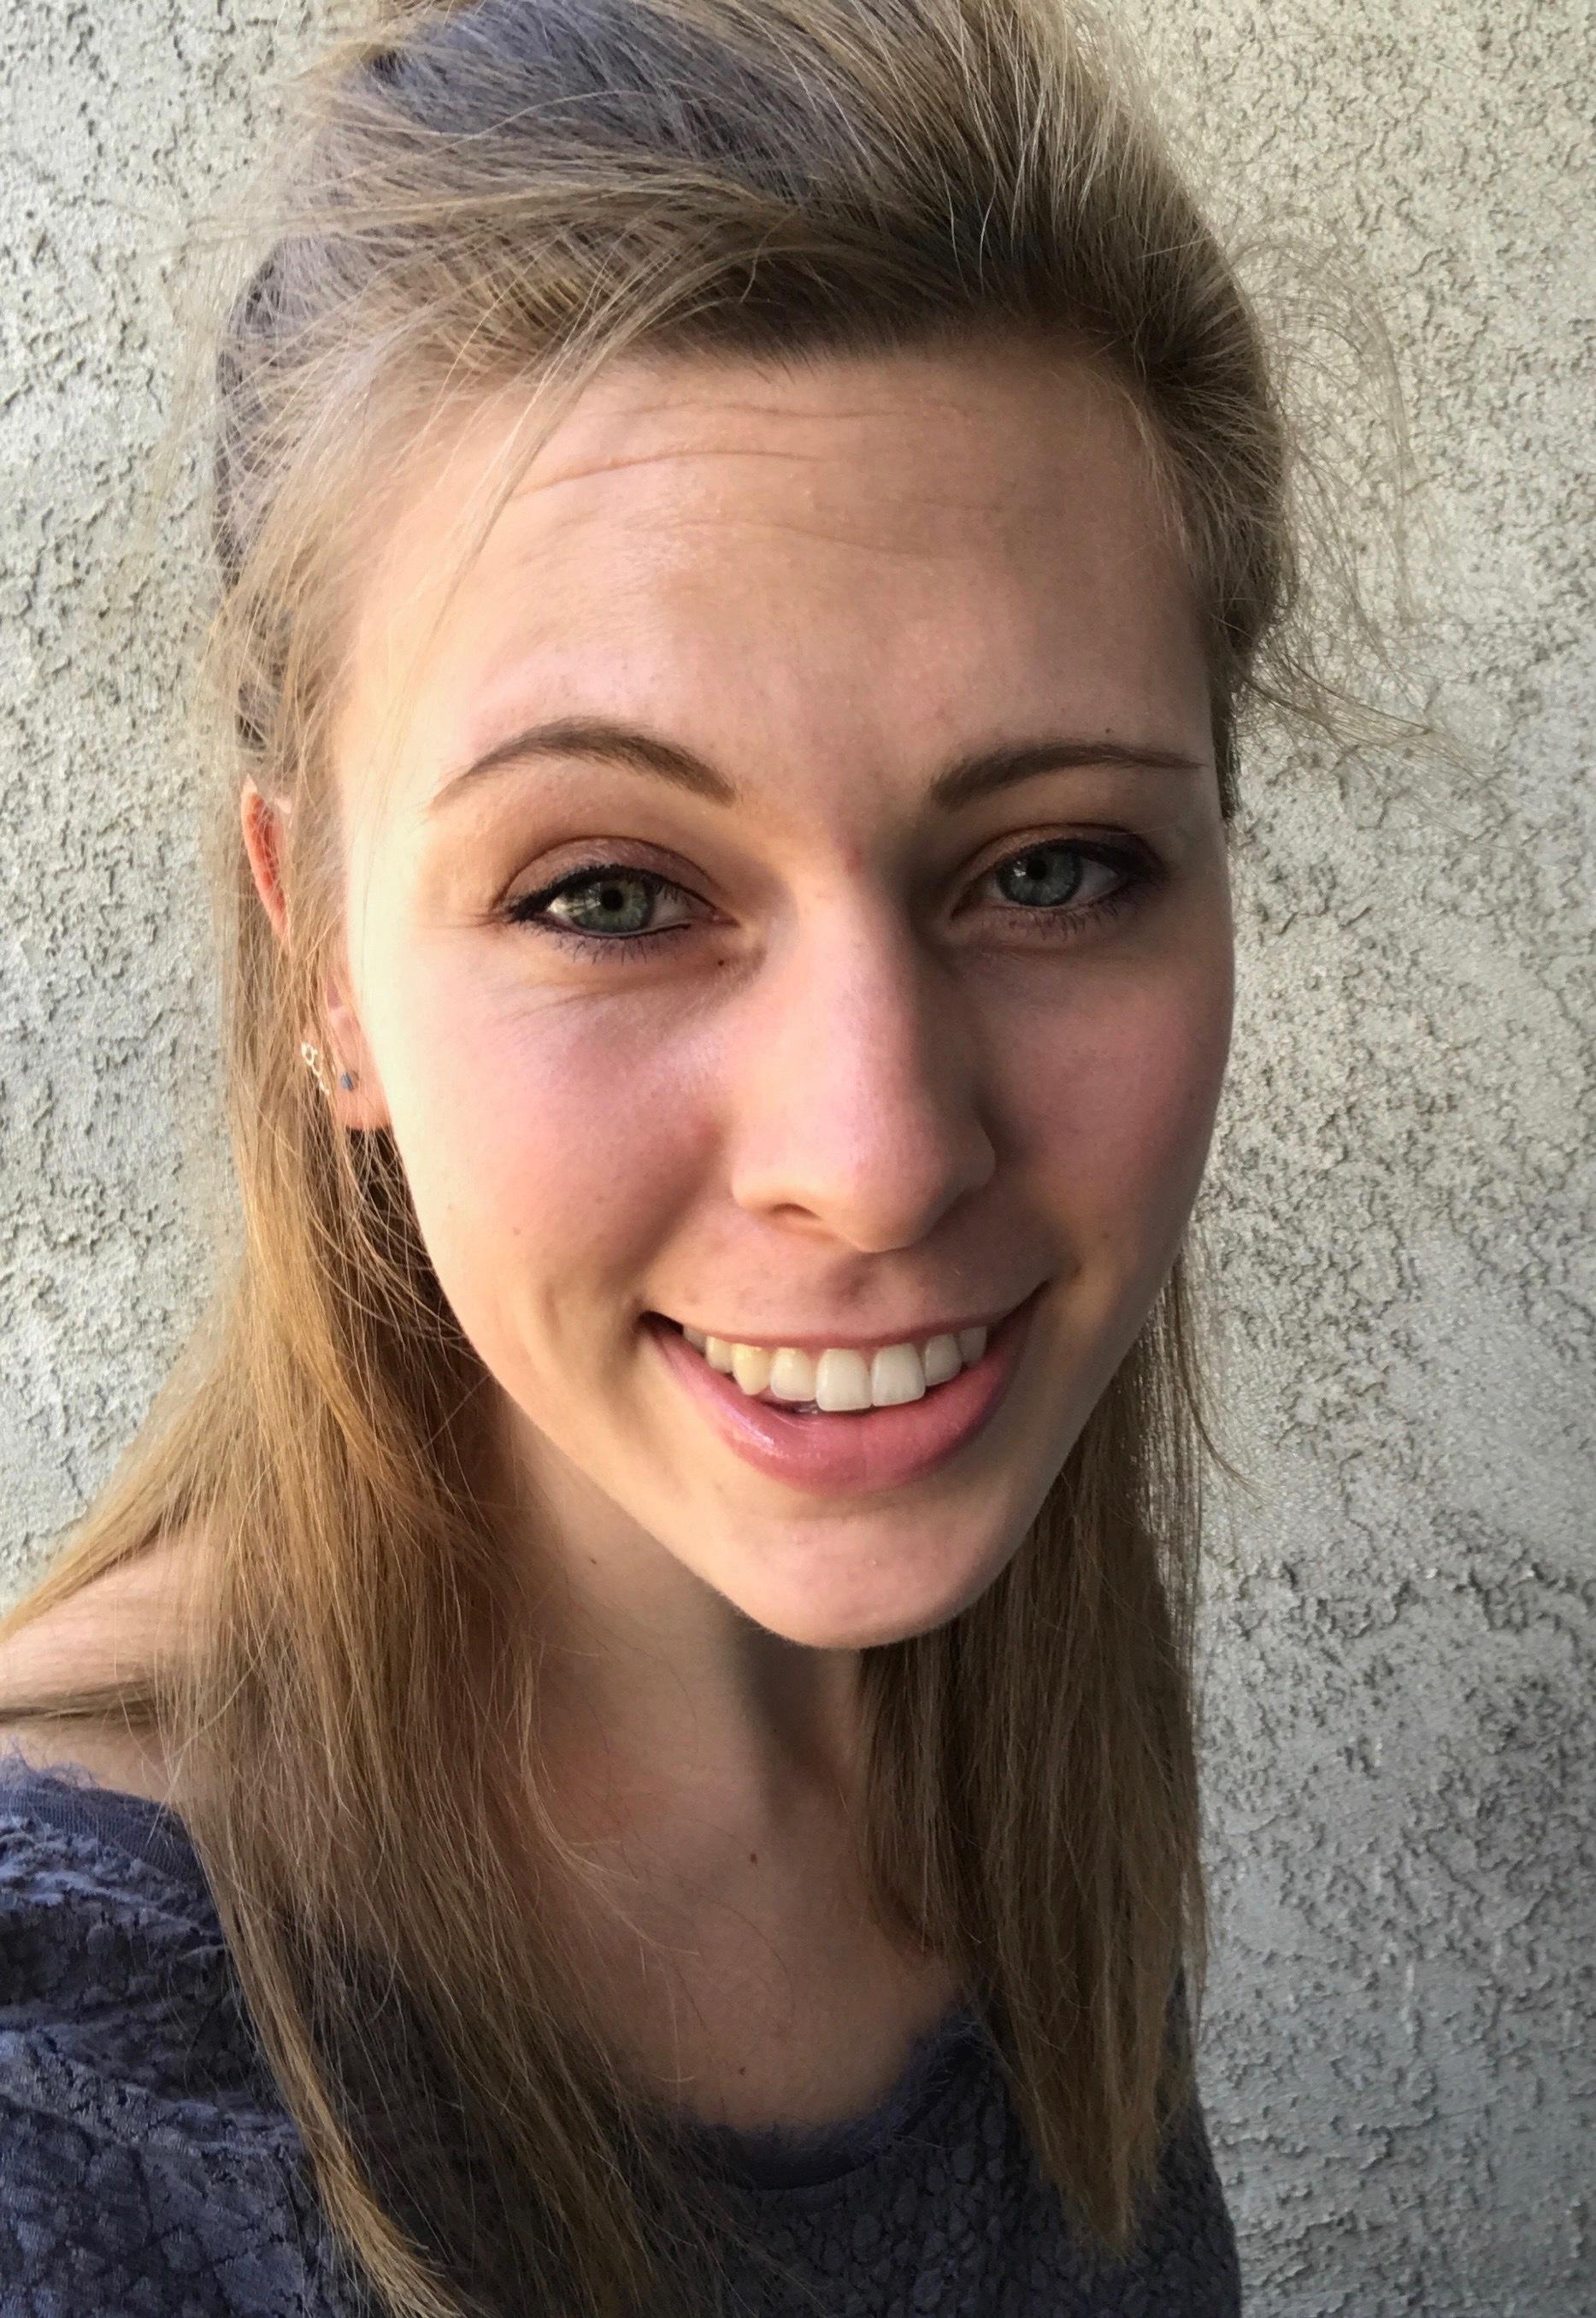 Lindsey Kornowske